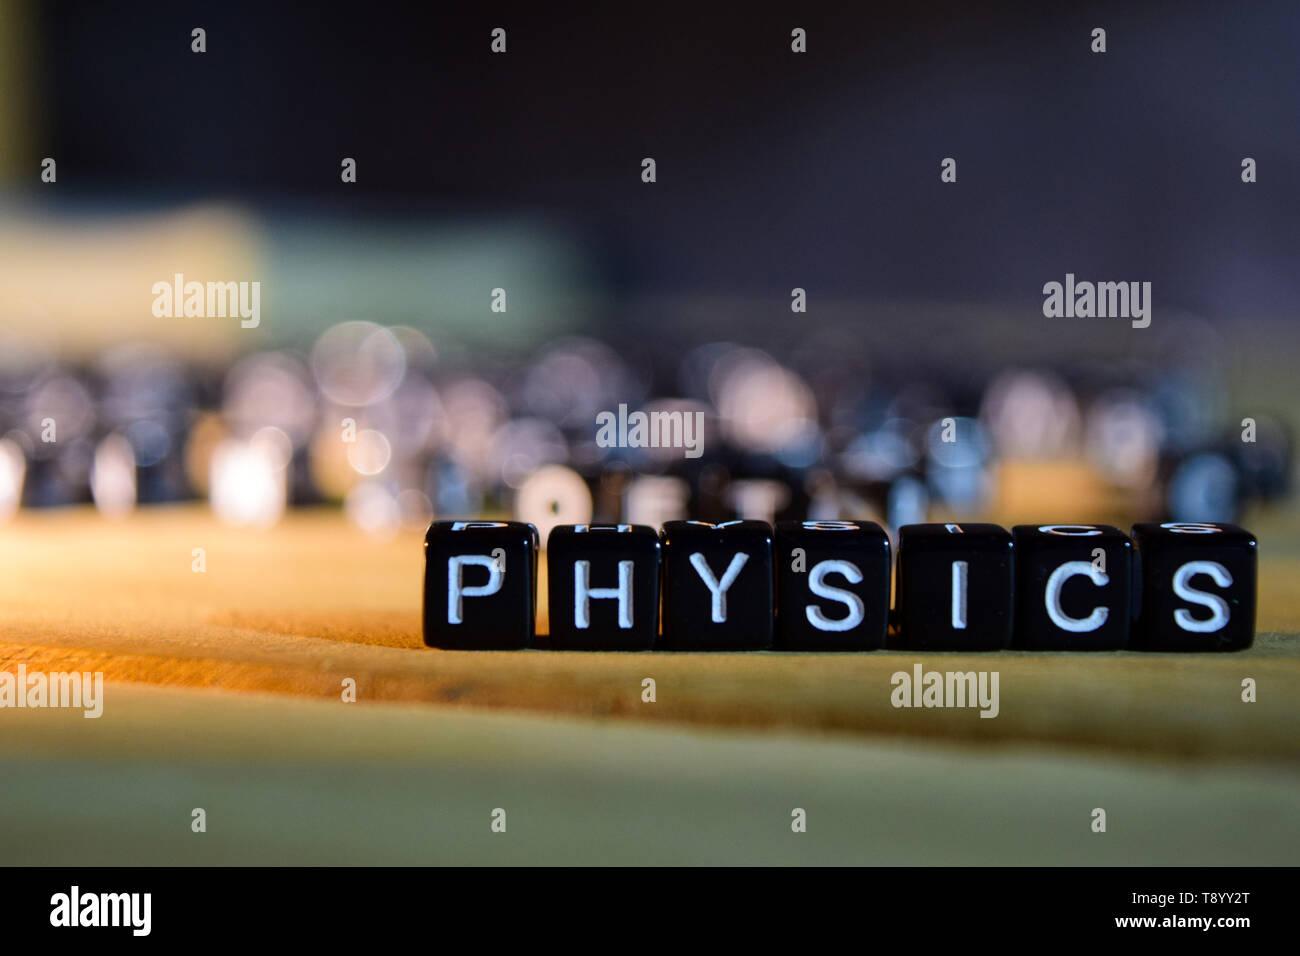 Concept de physique des blocs de bois sur la table. Avec le développement personnel, l'éducation et de motivation concept sur arrière-plan flou Banque D'Images